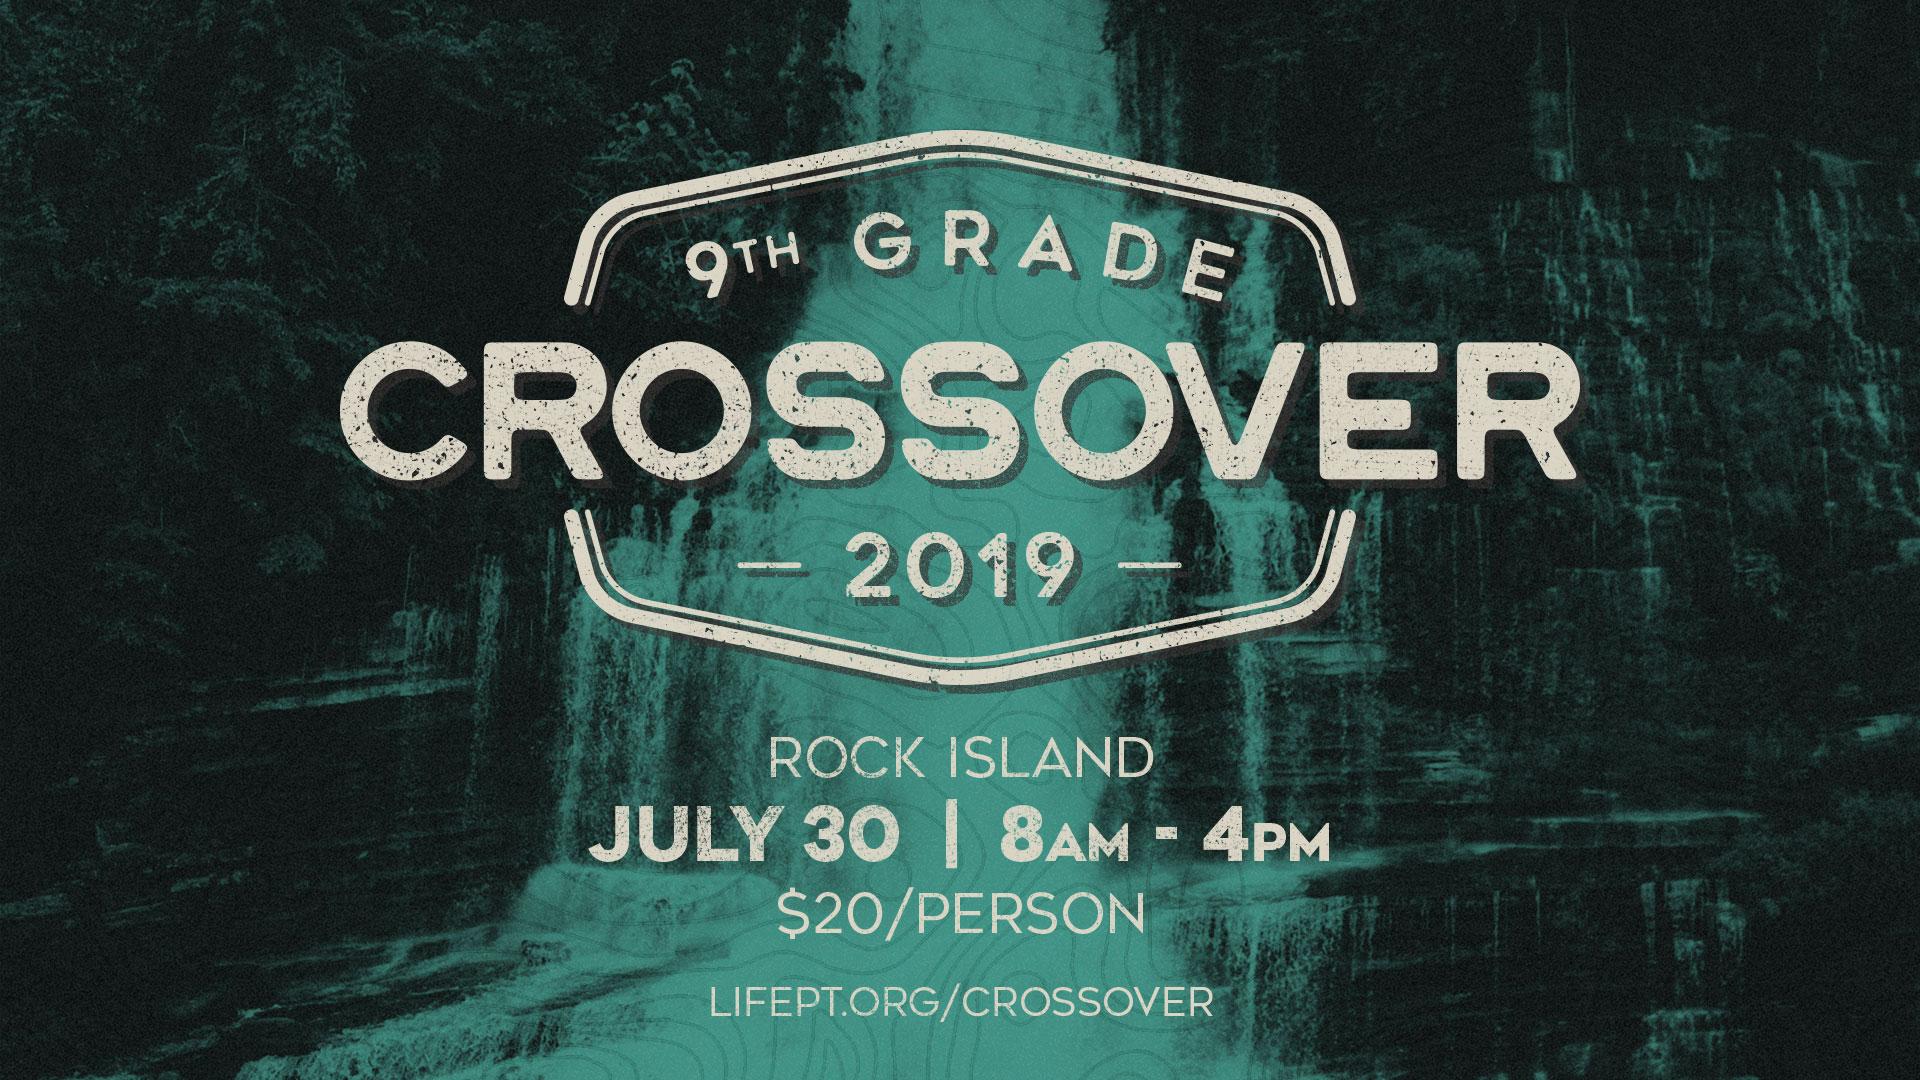 9th-crossover-2019.jpg